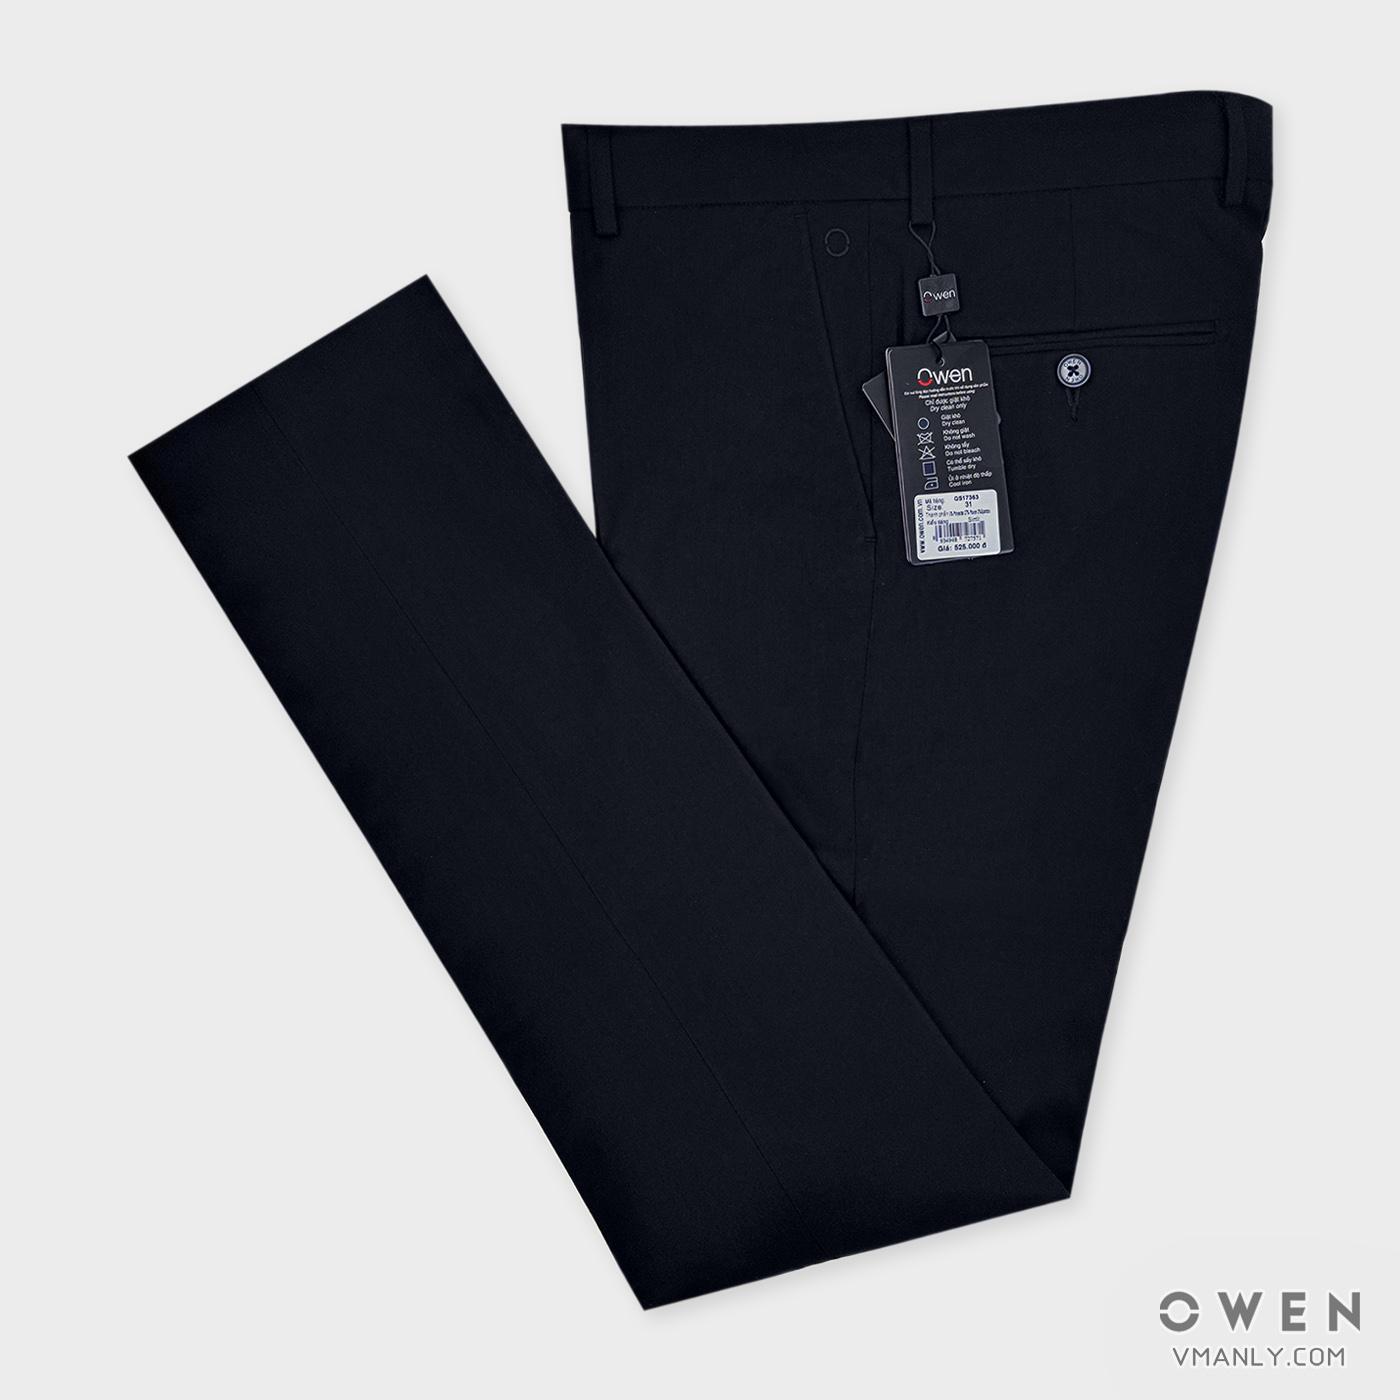 Quần tây Owen không li slimfit màu đen QS17363